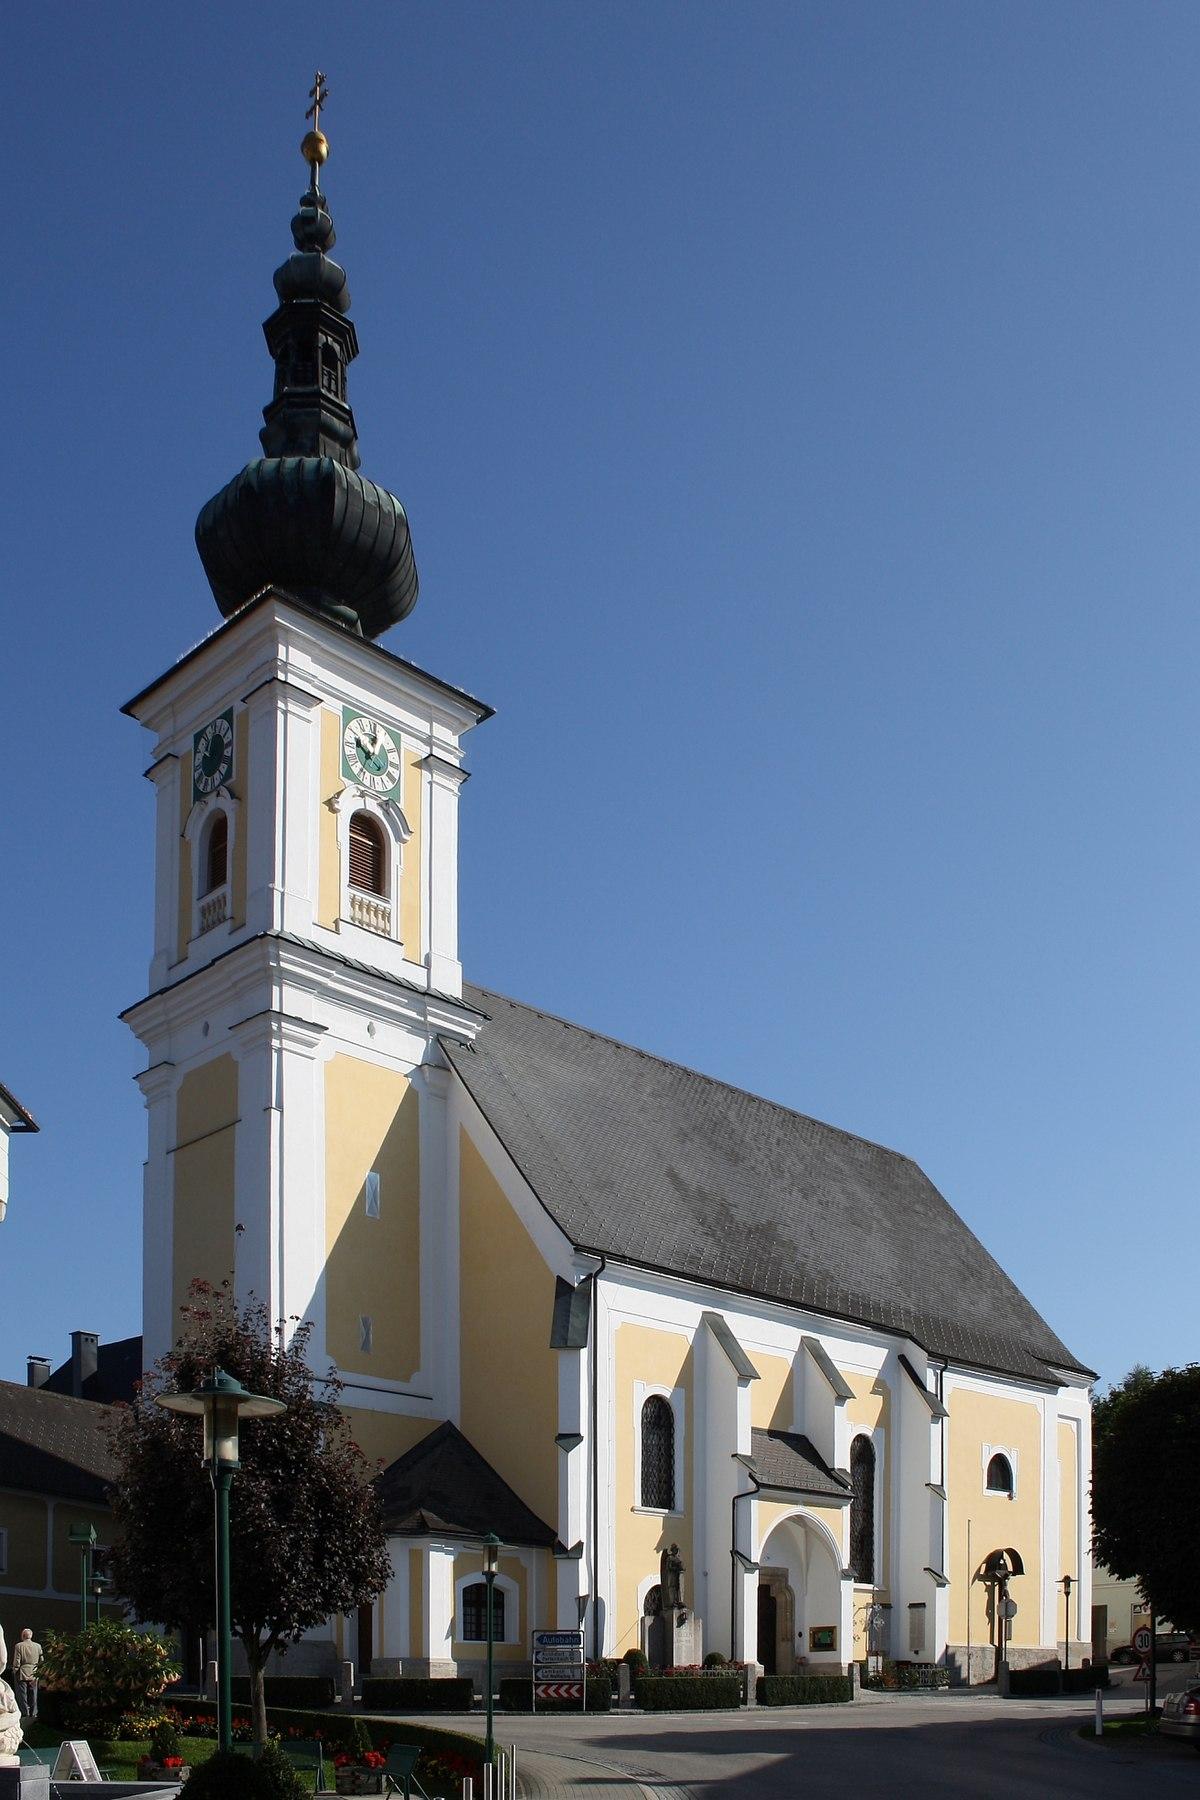 Pfarrkirche Vorchdorf Wikipedia